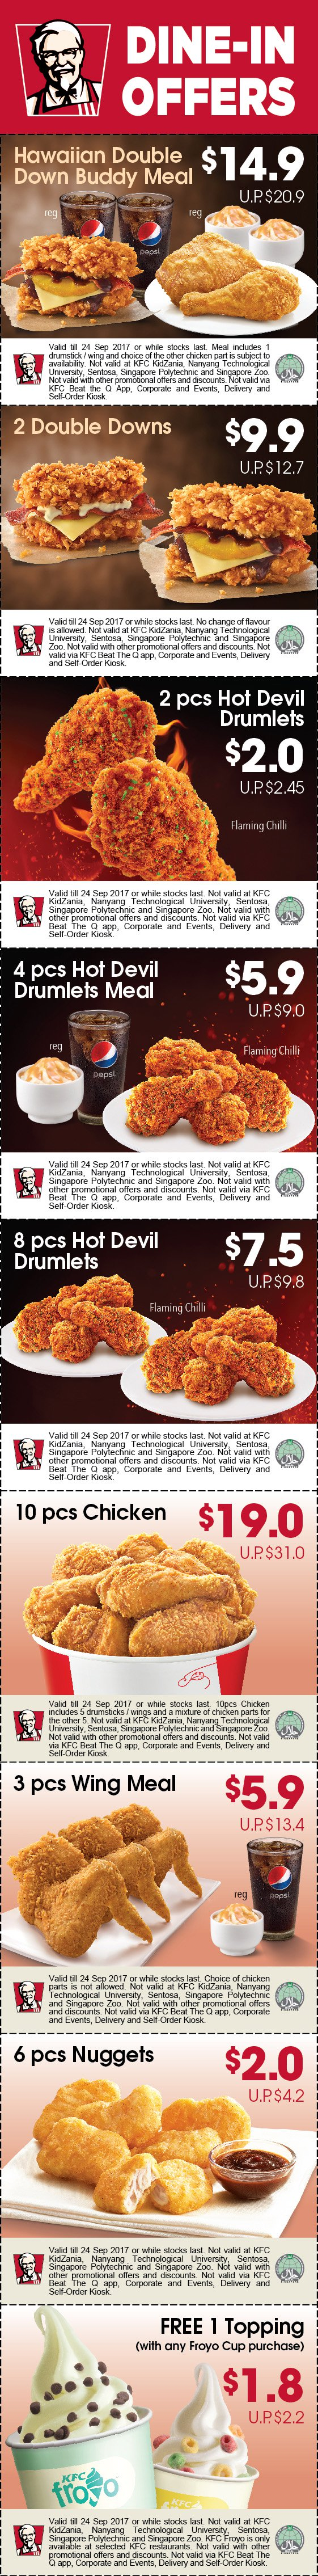 KFC_ZDD_E-couponStrip_Dine-In